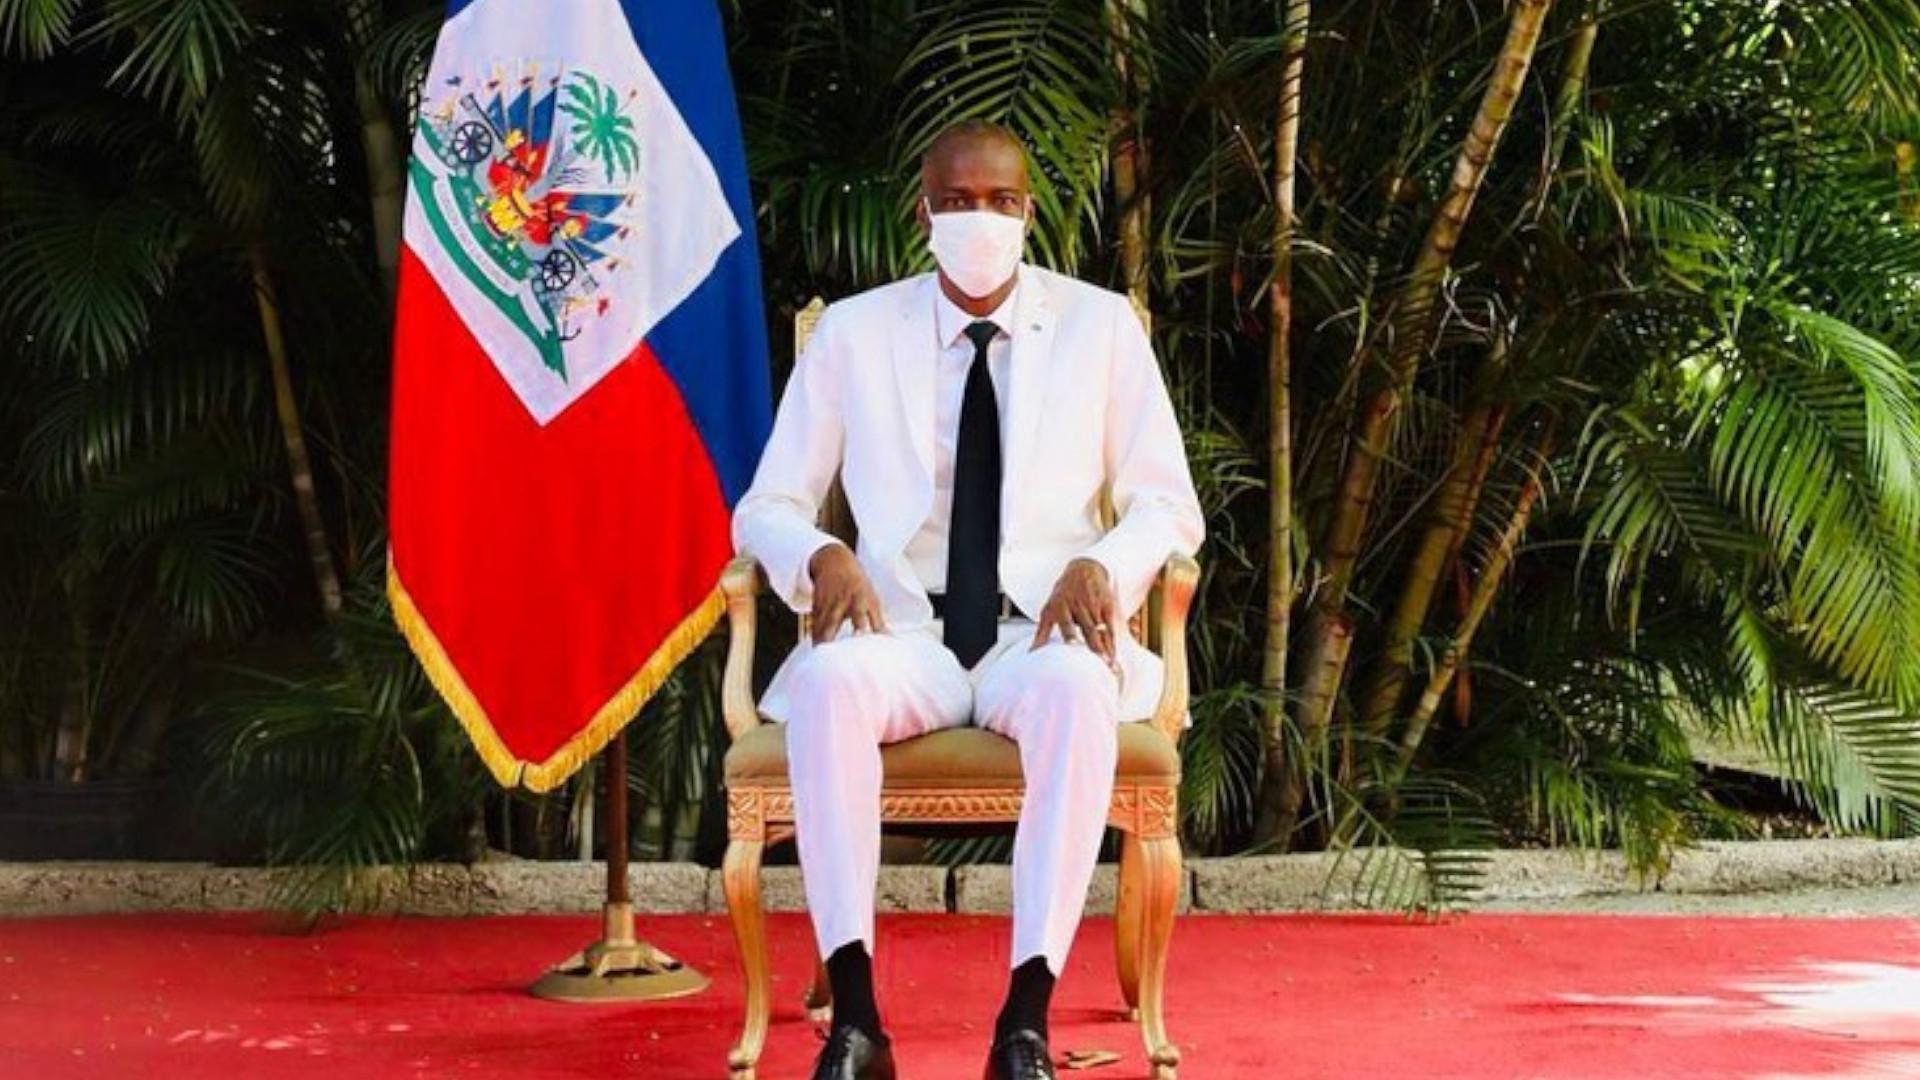 IMAGEM: Governo do Haiti diz ter prendido 'supostos assassinos' do presidente